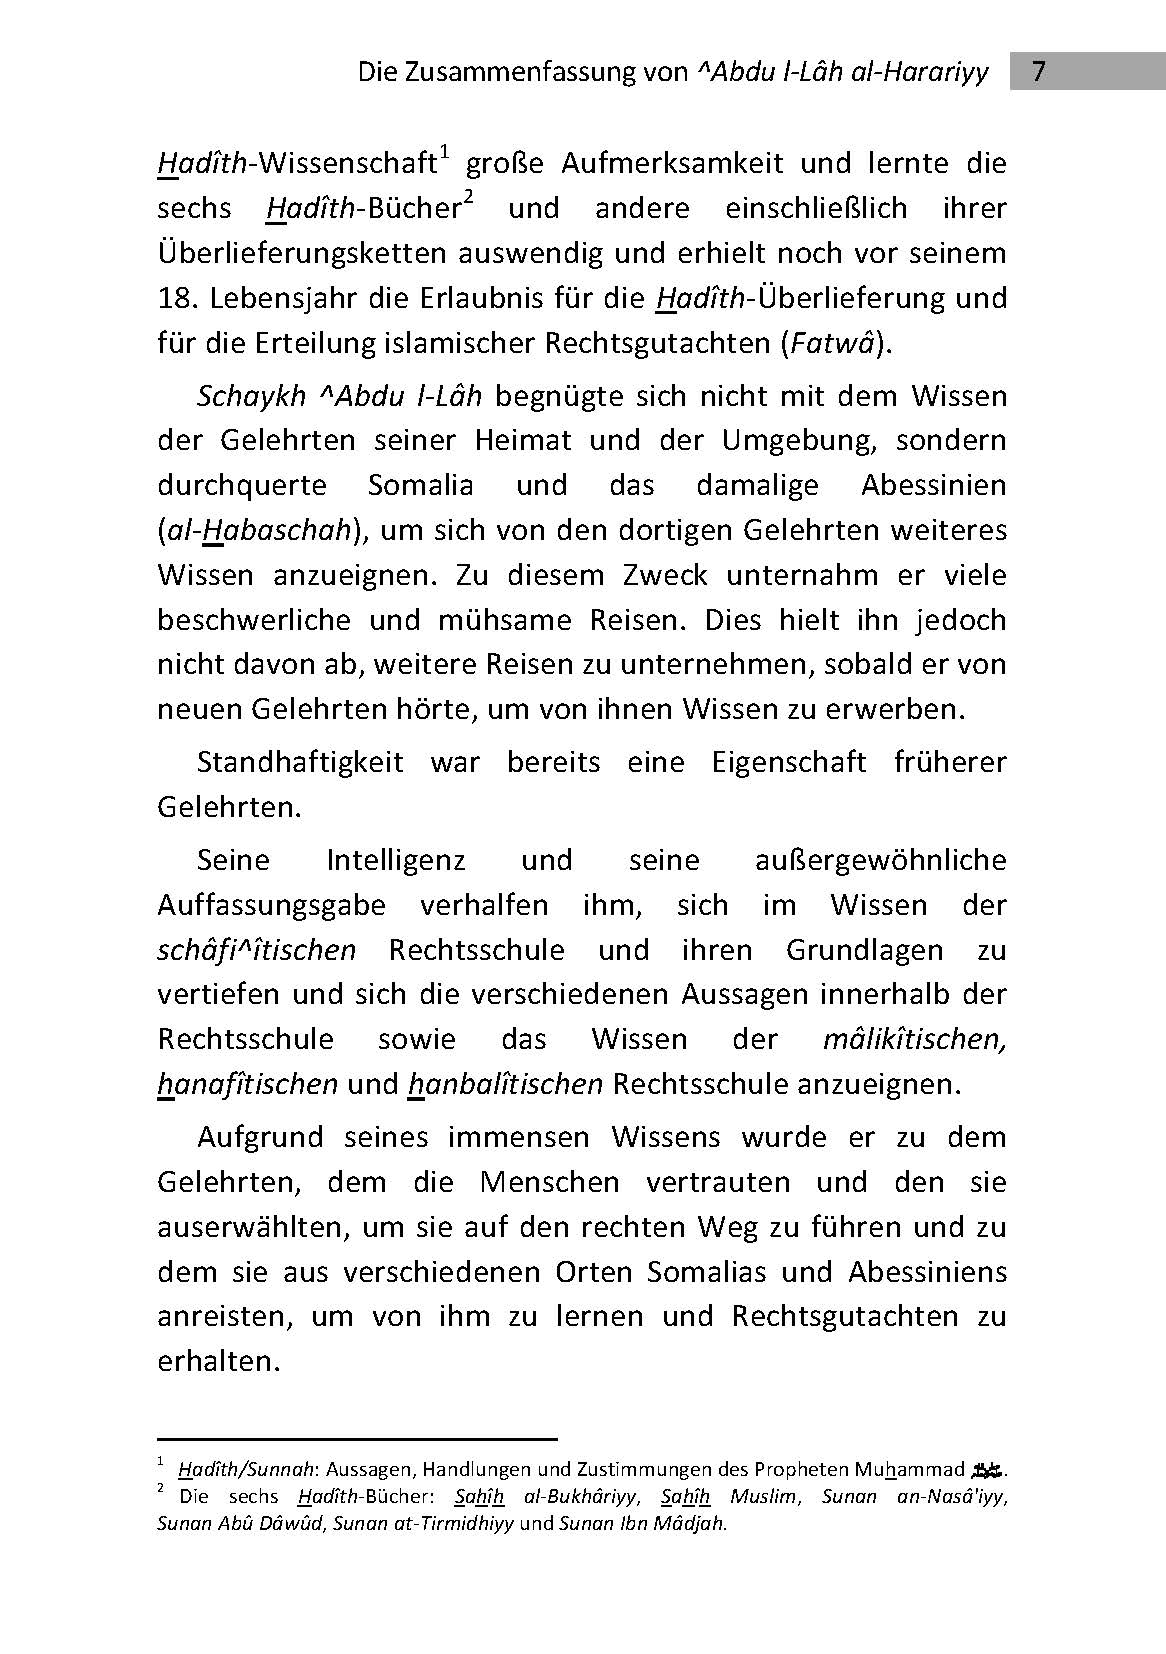 Die Zusammenfassung - 3. Auflage 2014_Seite_07